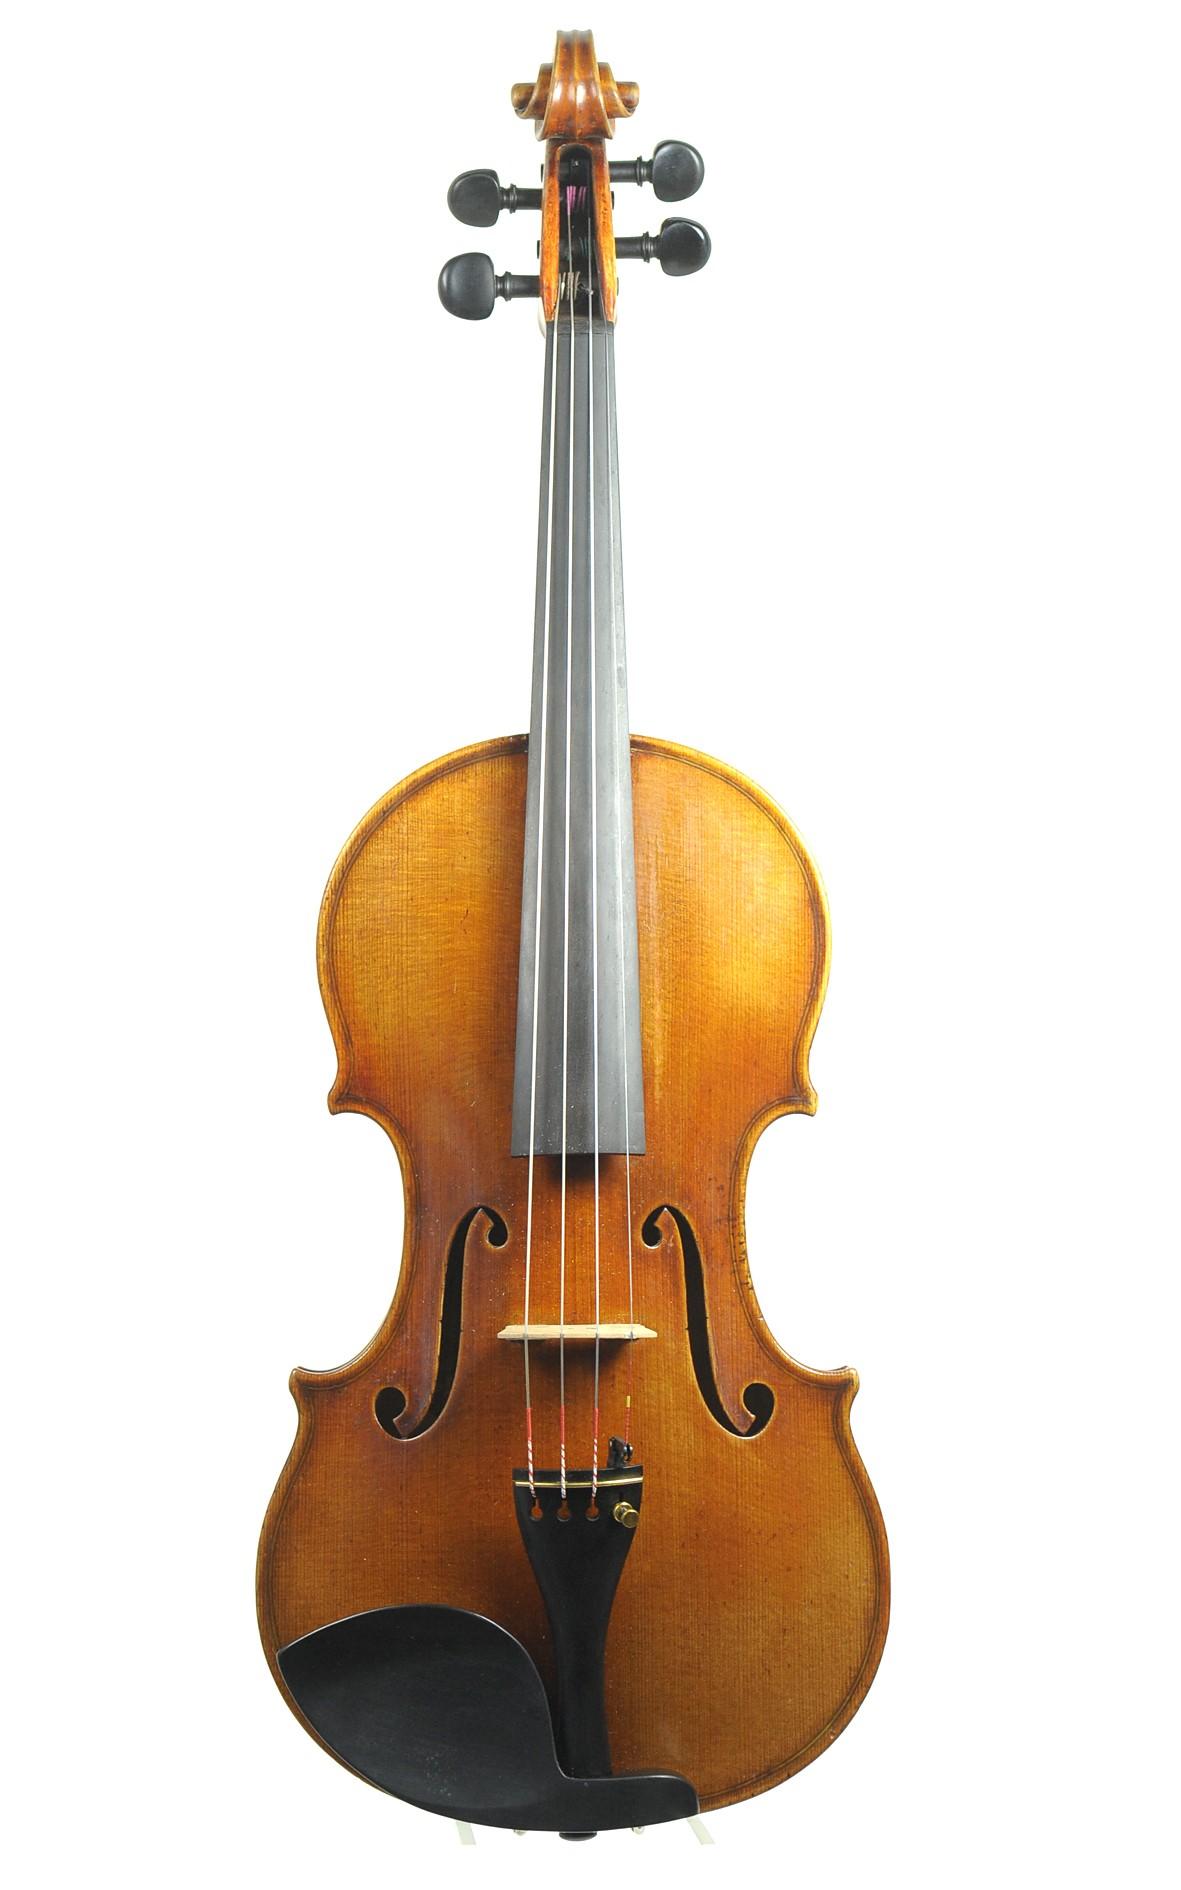 Soloist violin, masterpiece by Paul Dörfel, Markneukirchen - spruce top